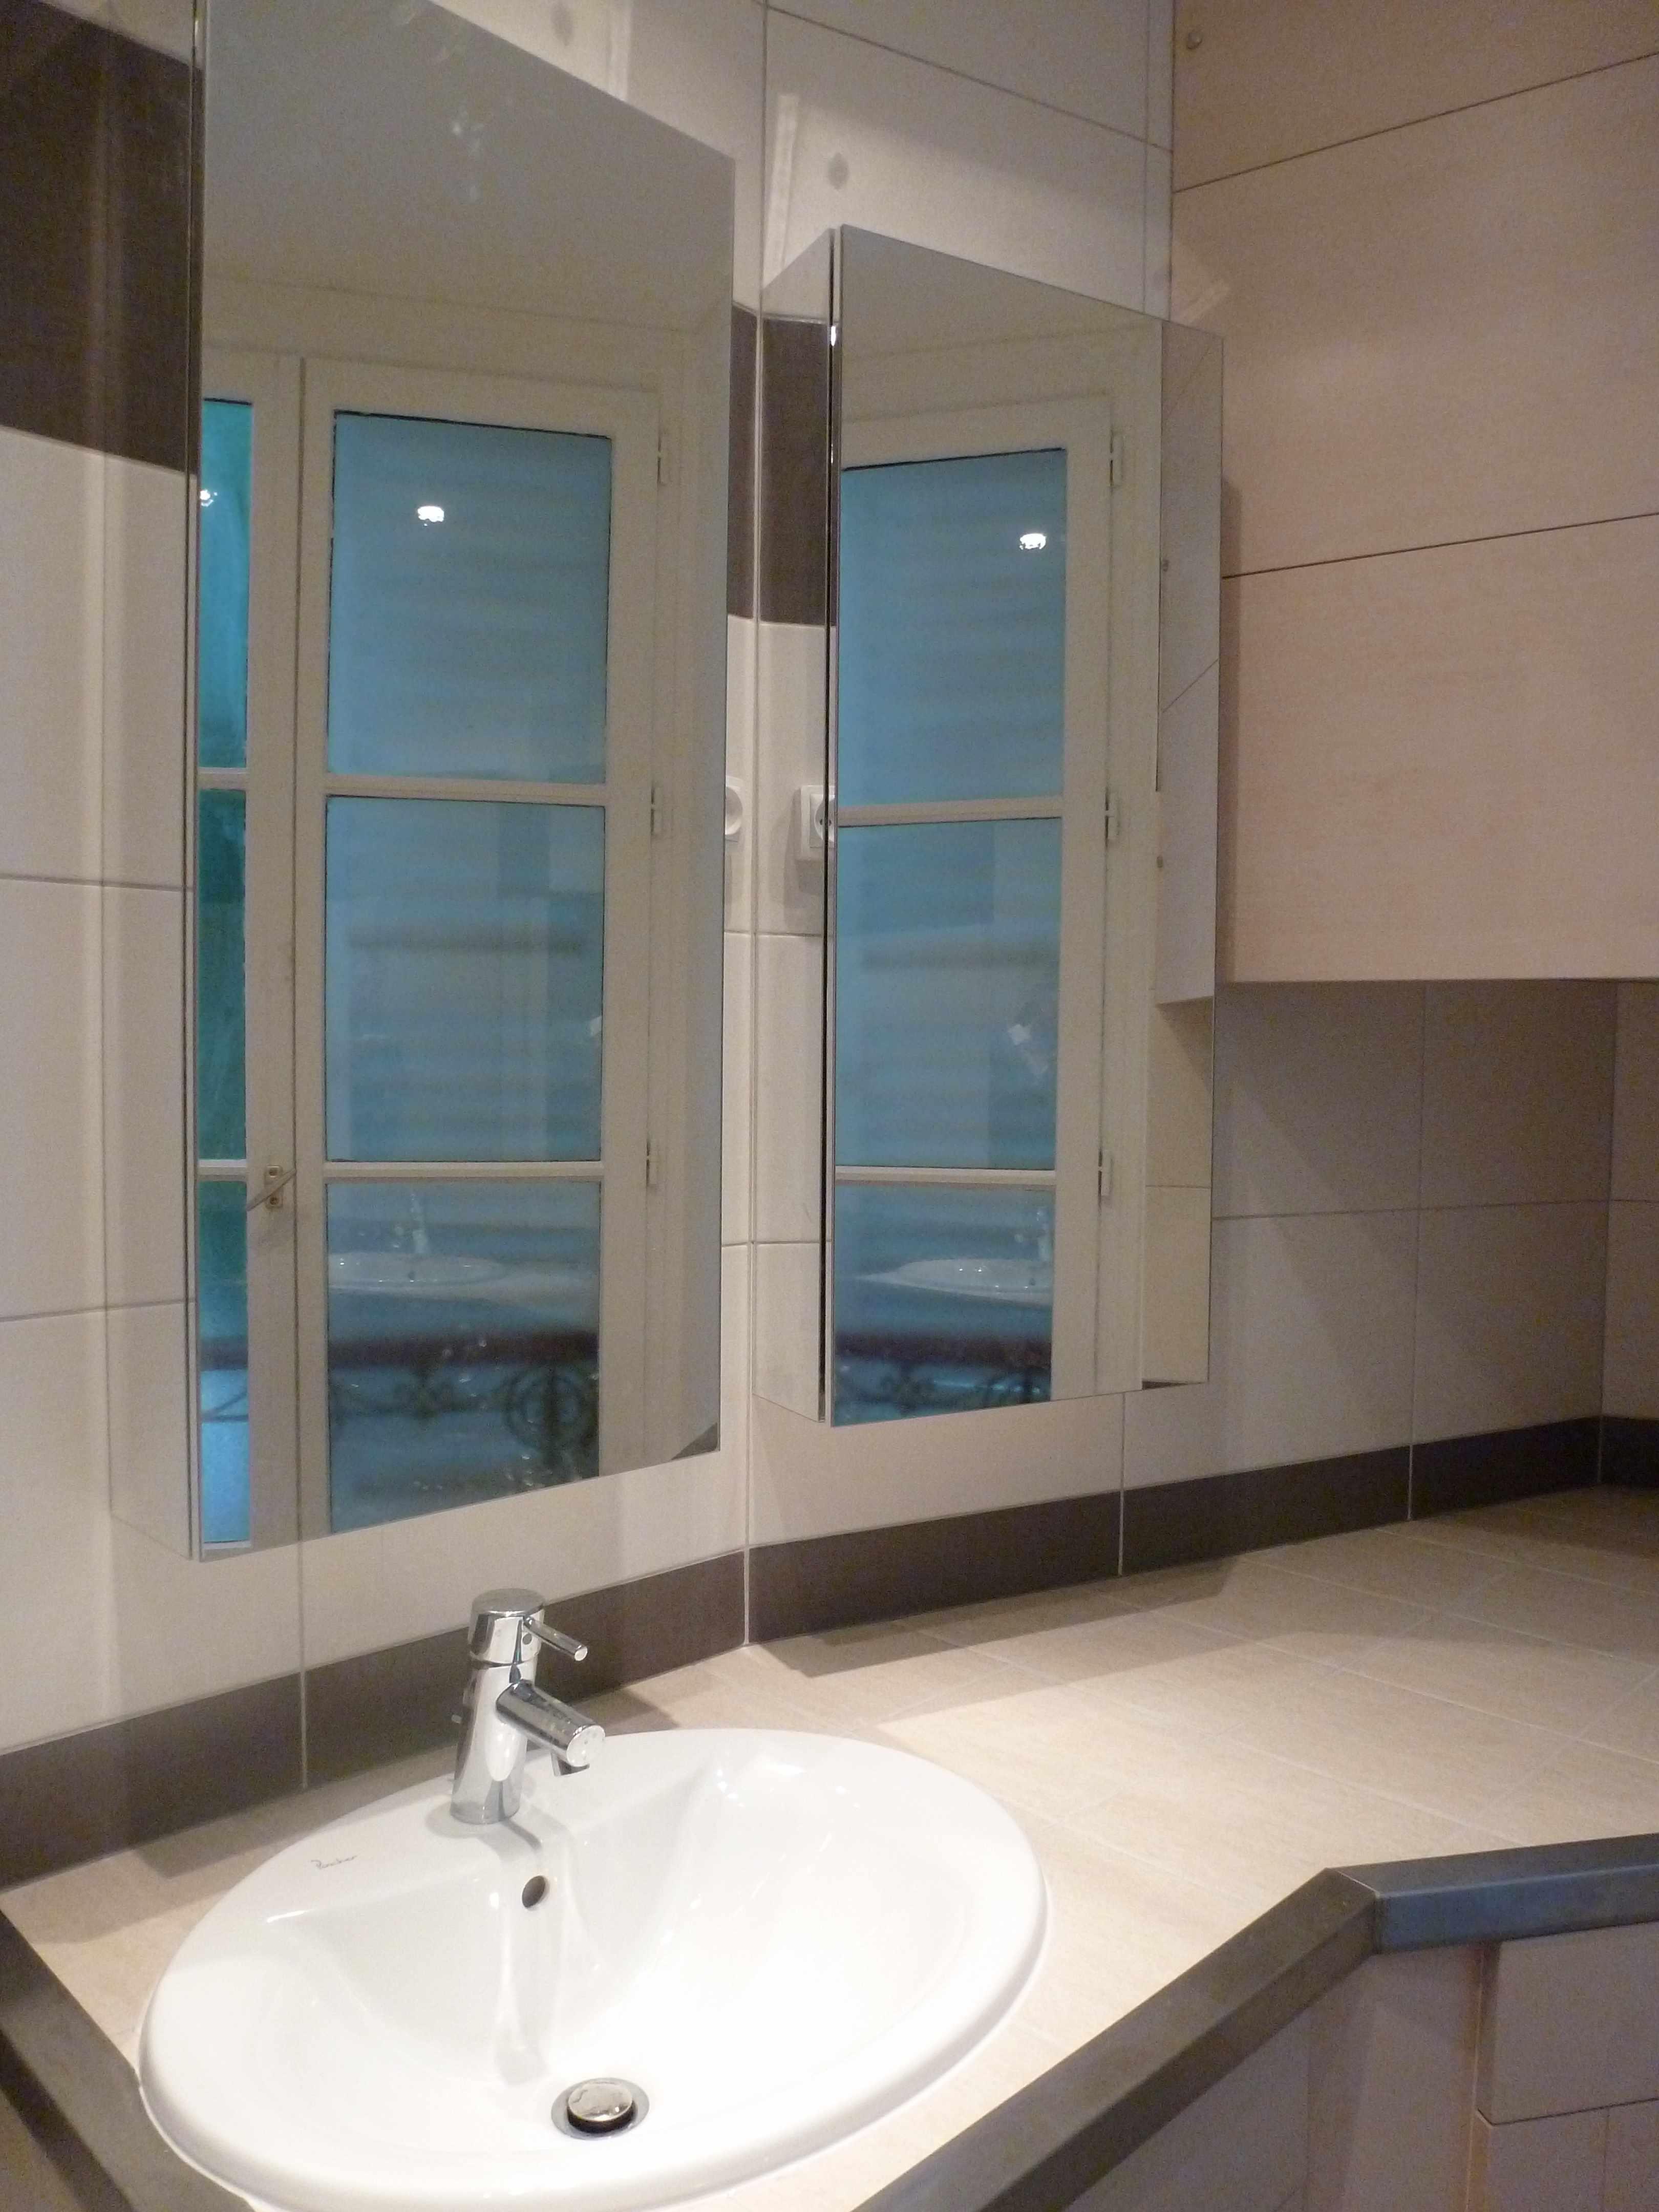 Salle de bain Paris A tous les etages 2013